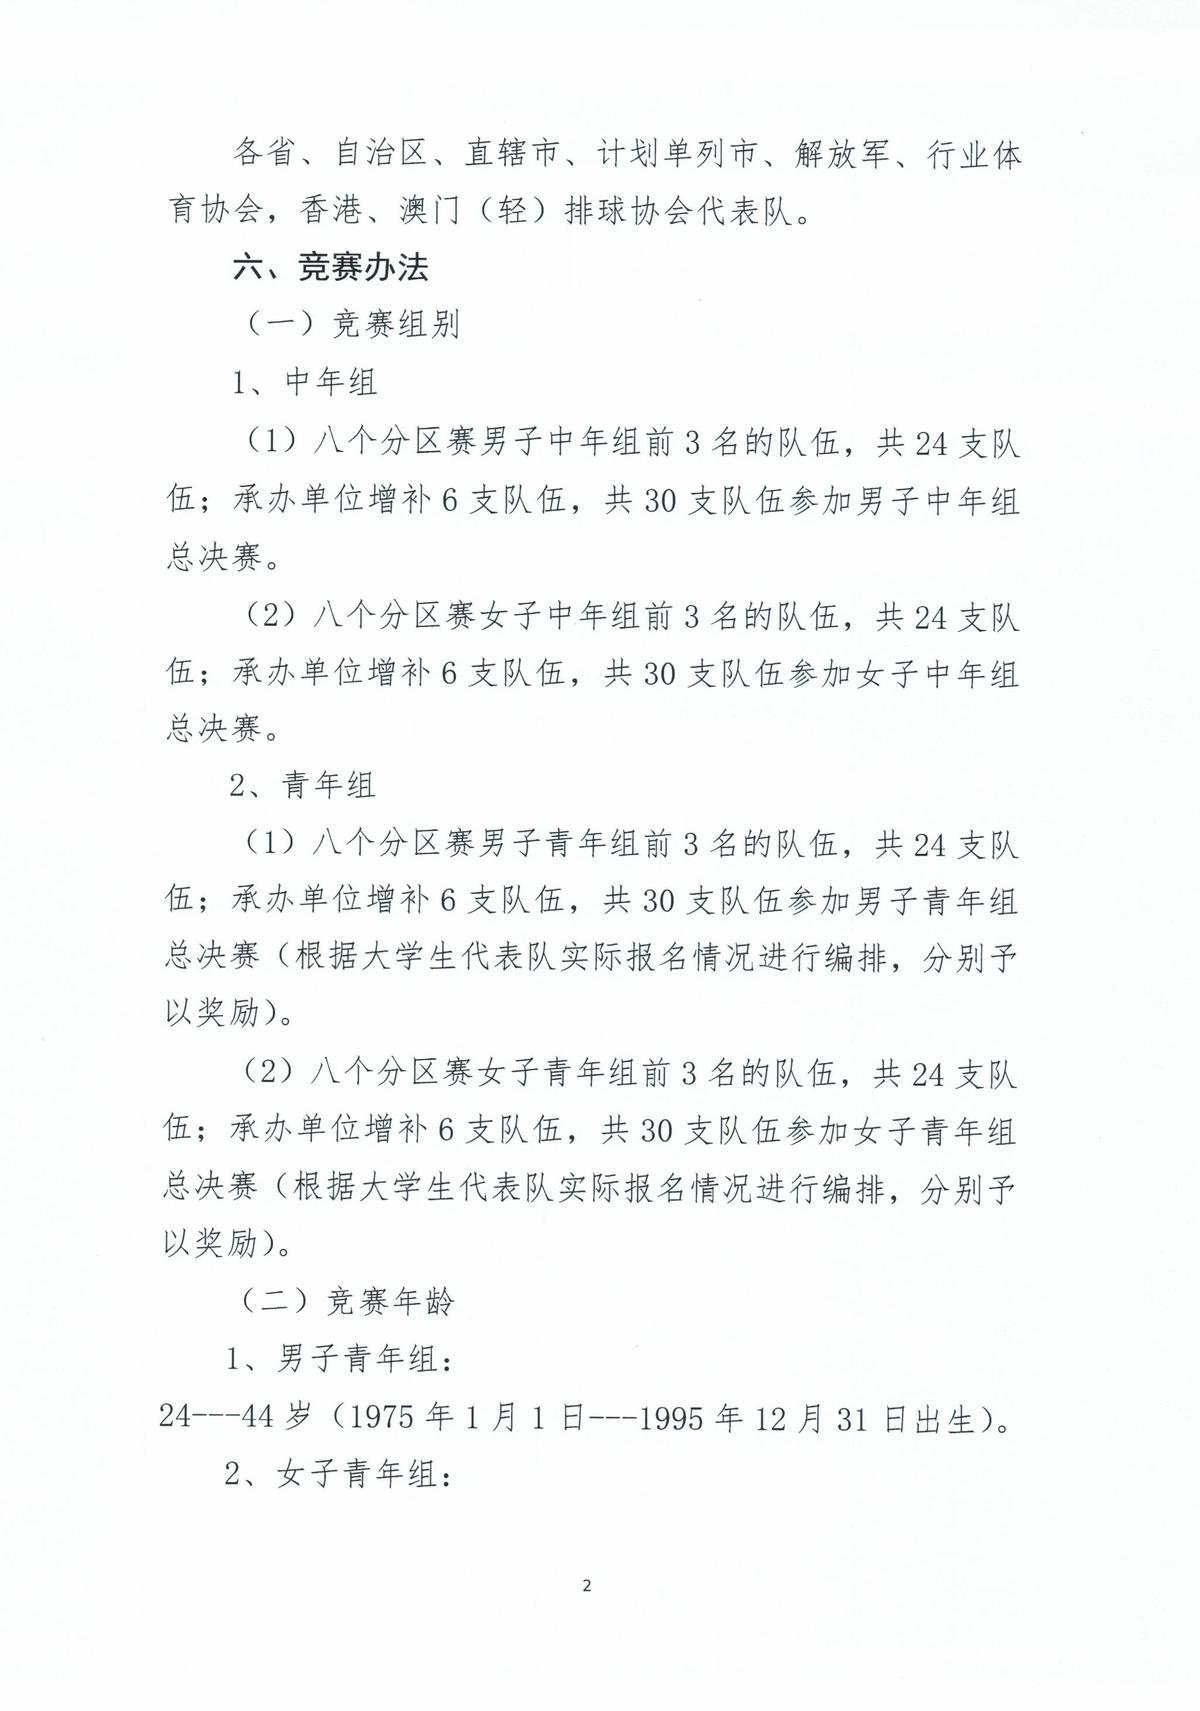 湖南总决赛规程_00034